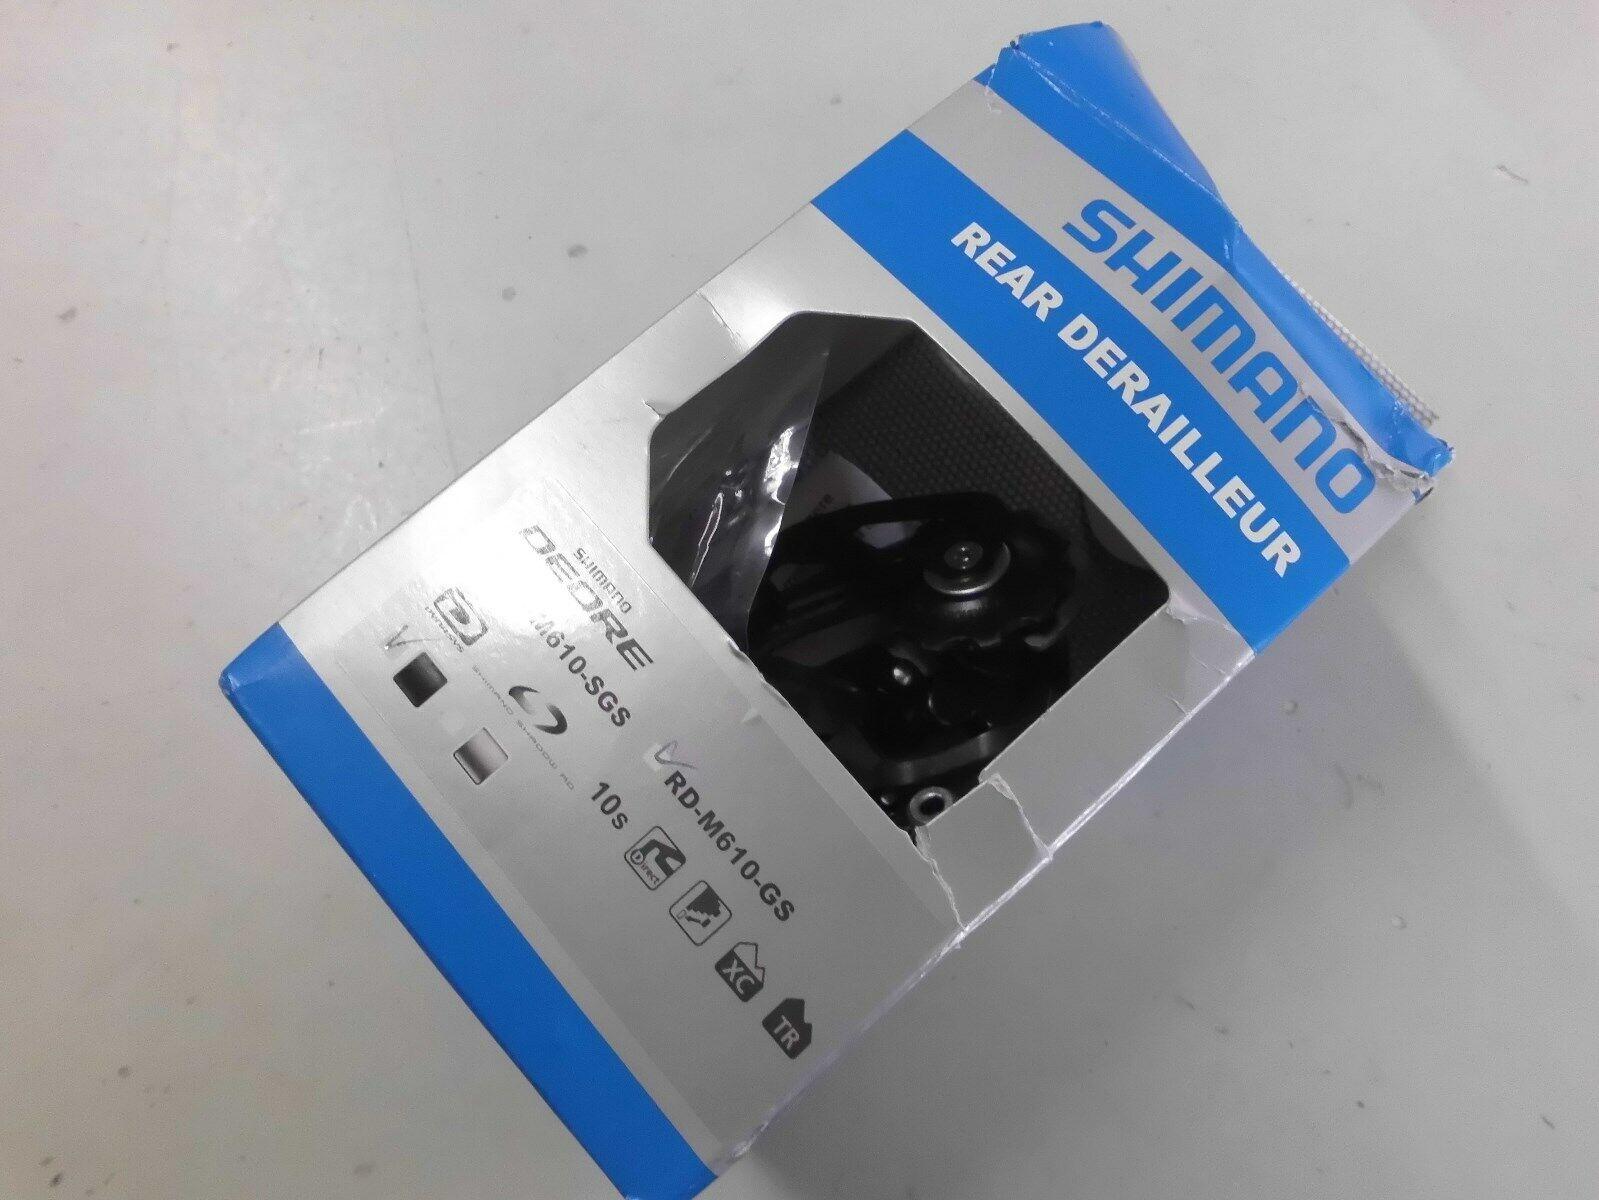 SHIMANO 10fach DEORE DEORE DEORE RD-M610 GS schwarz Schaltwerk mittellanger Käfig 90ce3c